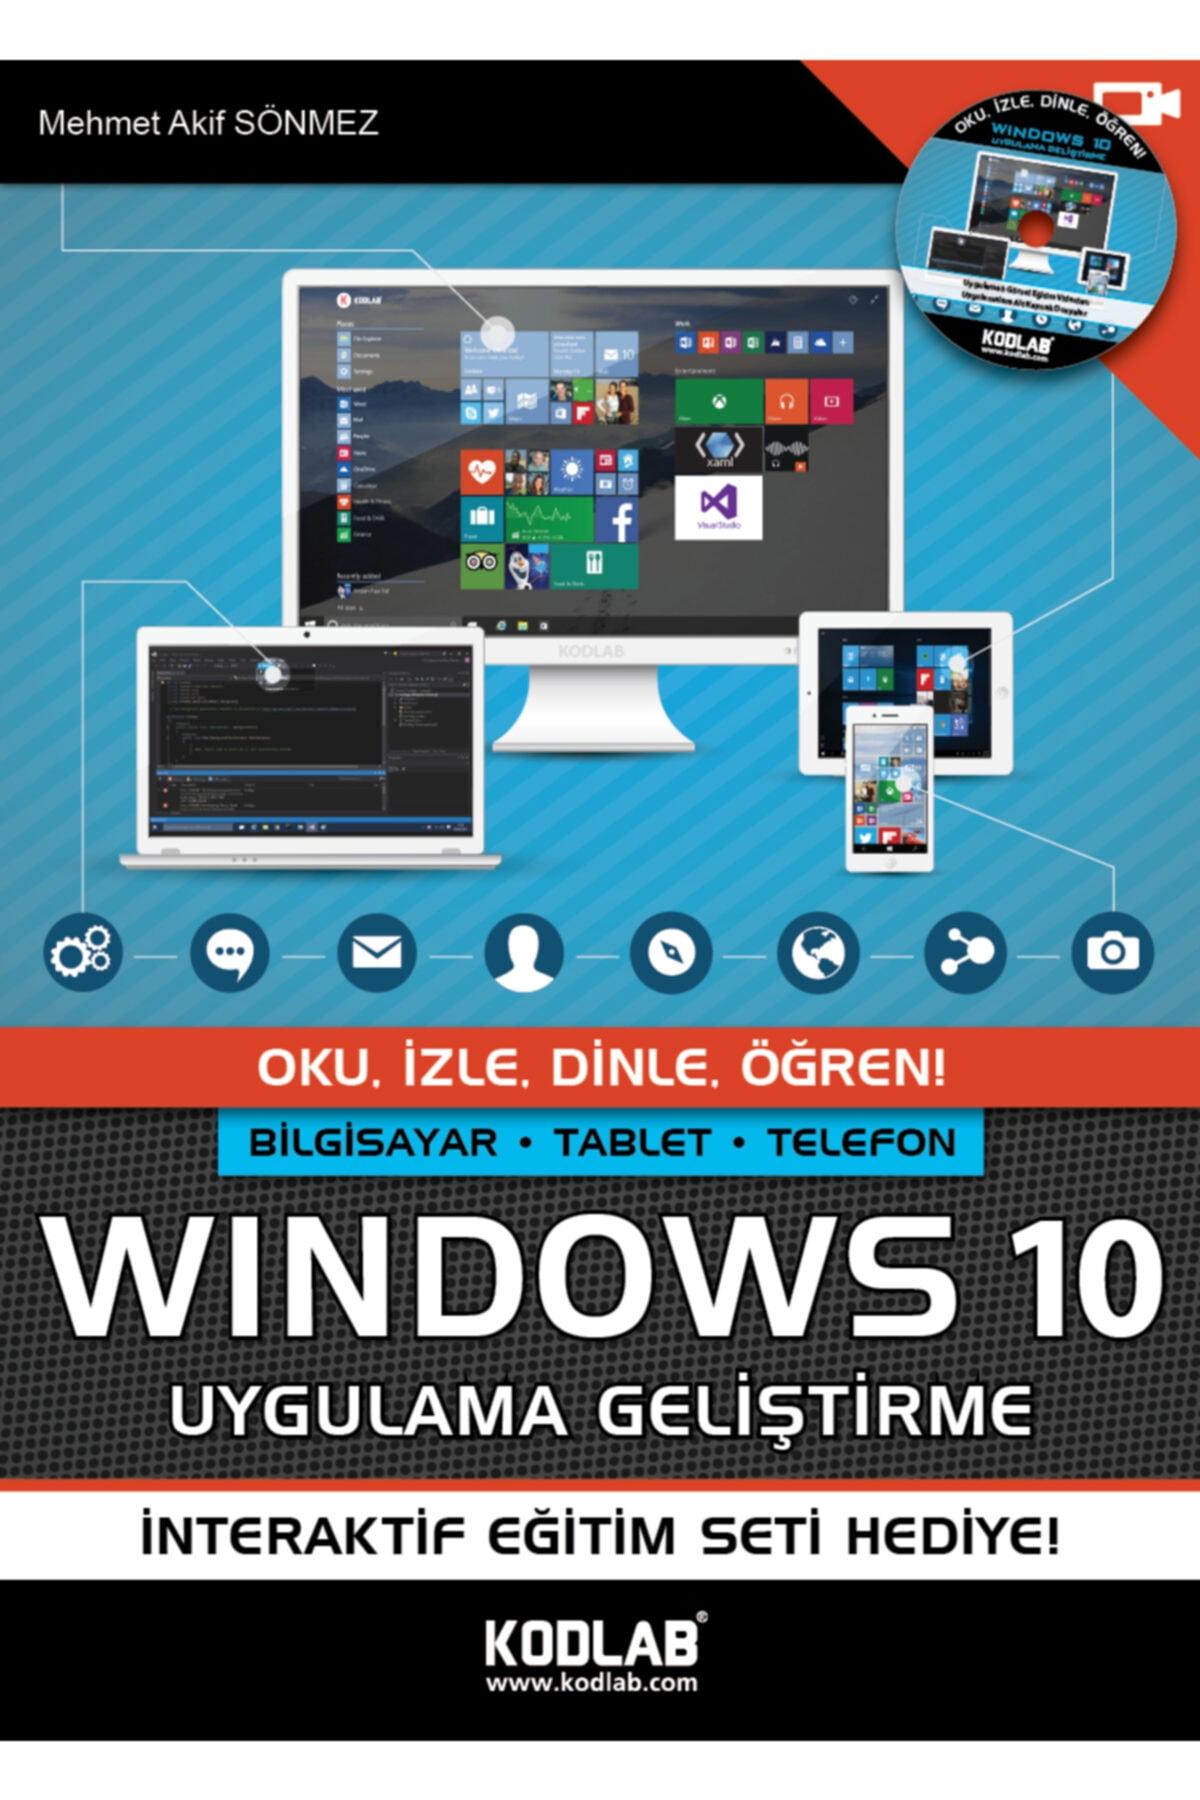 Windows 10 Uygulama Geliştirme & Oku, Izle, Dinle, Öğren